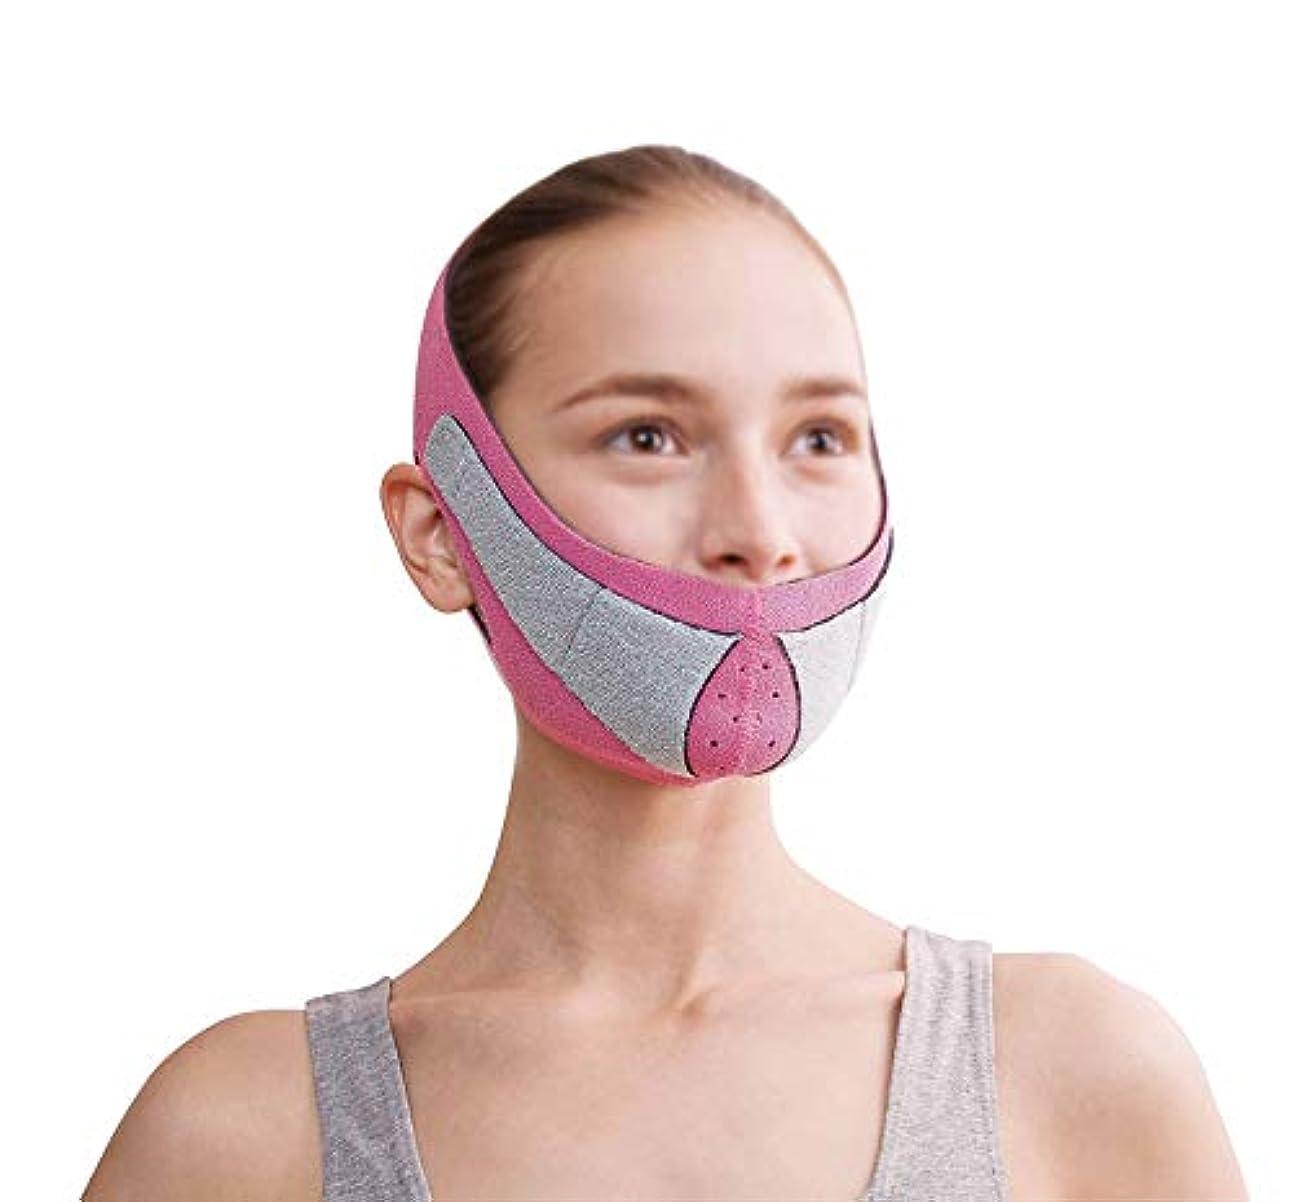 ハイジャック並外れて洞察力のあるフェイスリフトマスク、顔のマスクプラス薄いフェイスマスクタイトな垂れ下がりの薄いフェイスマスク顔の薄いフェイスマスクアーティファクト美容ネックストラップ付き